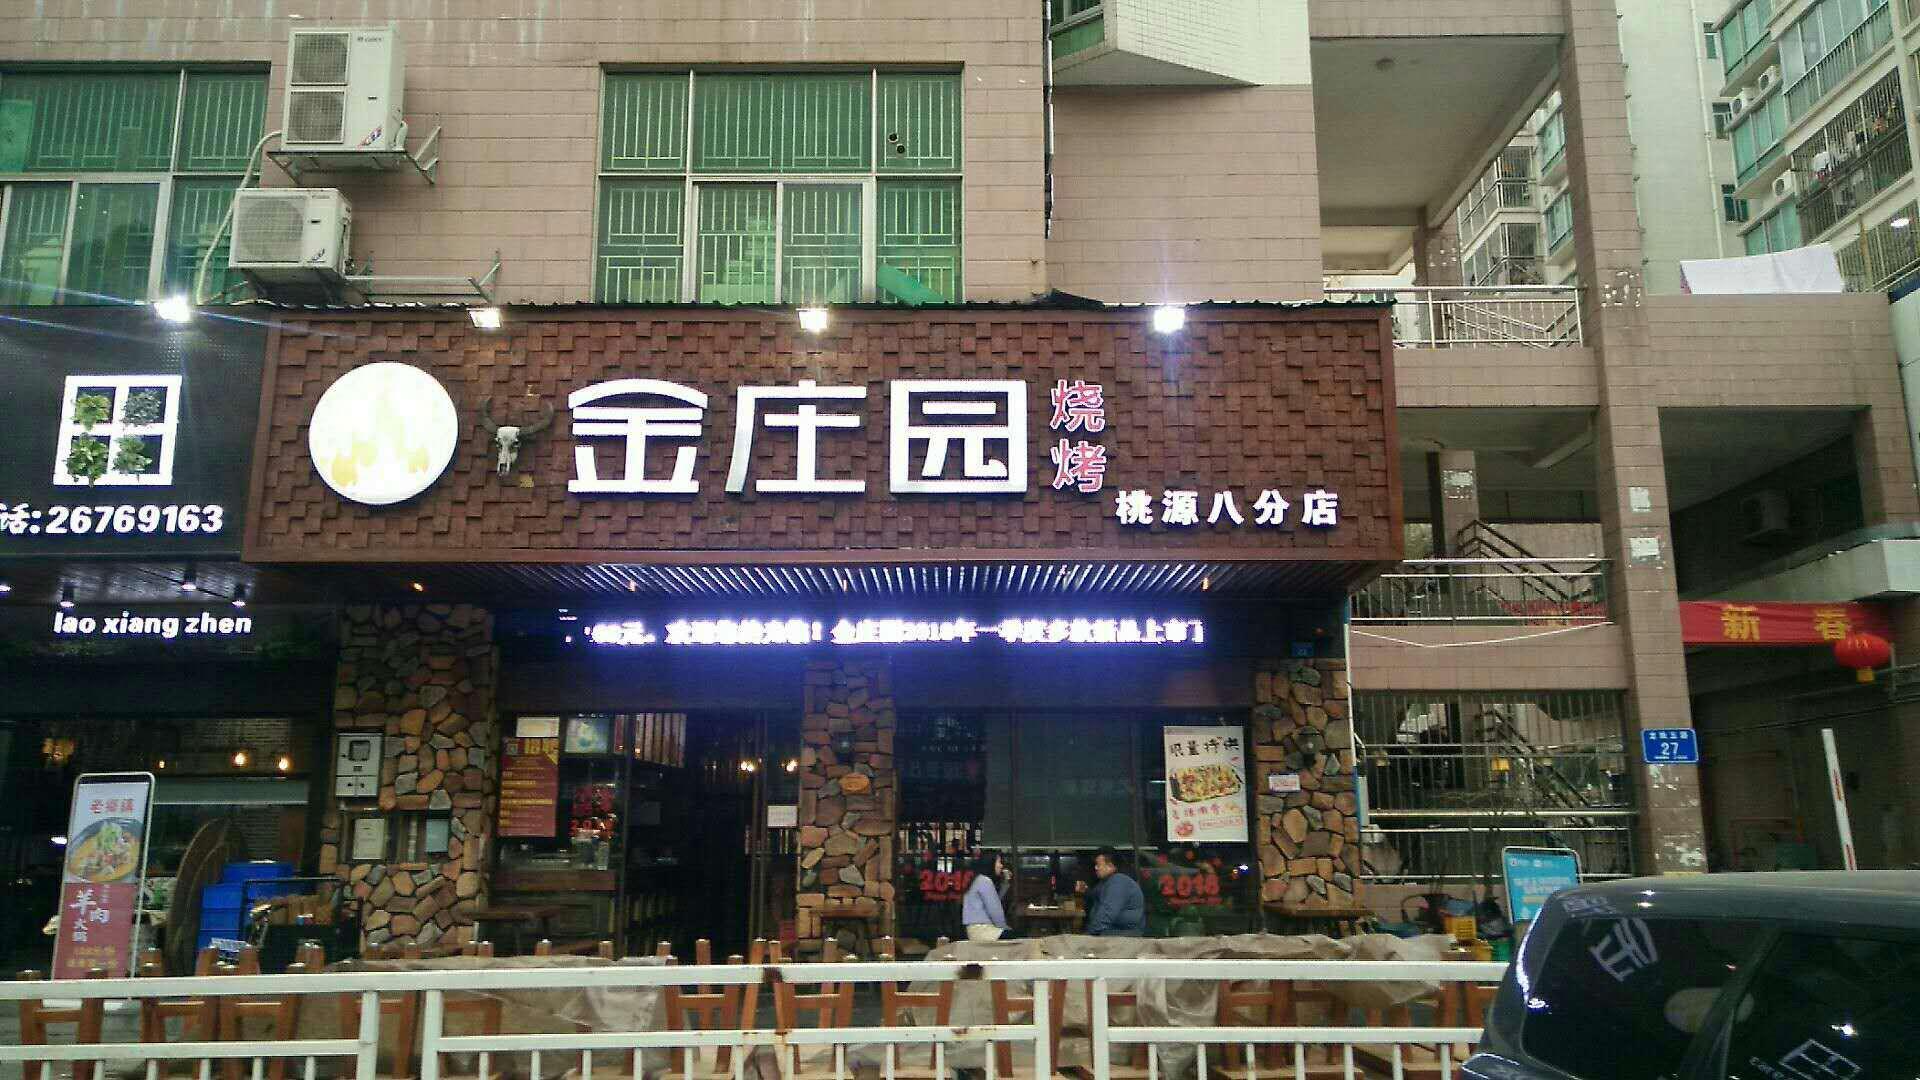 金庄园烧烤加盟品牌桃源分店